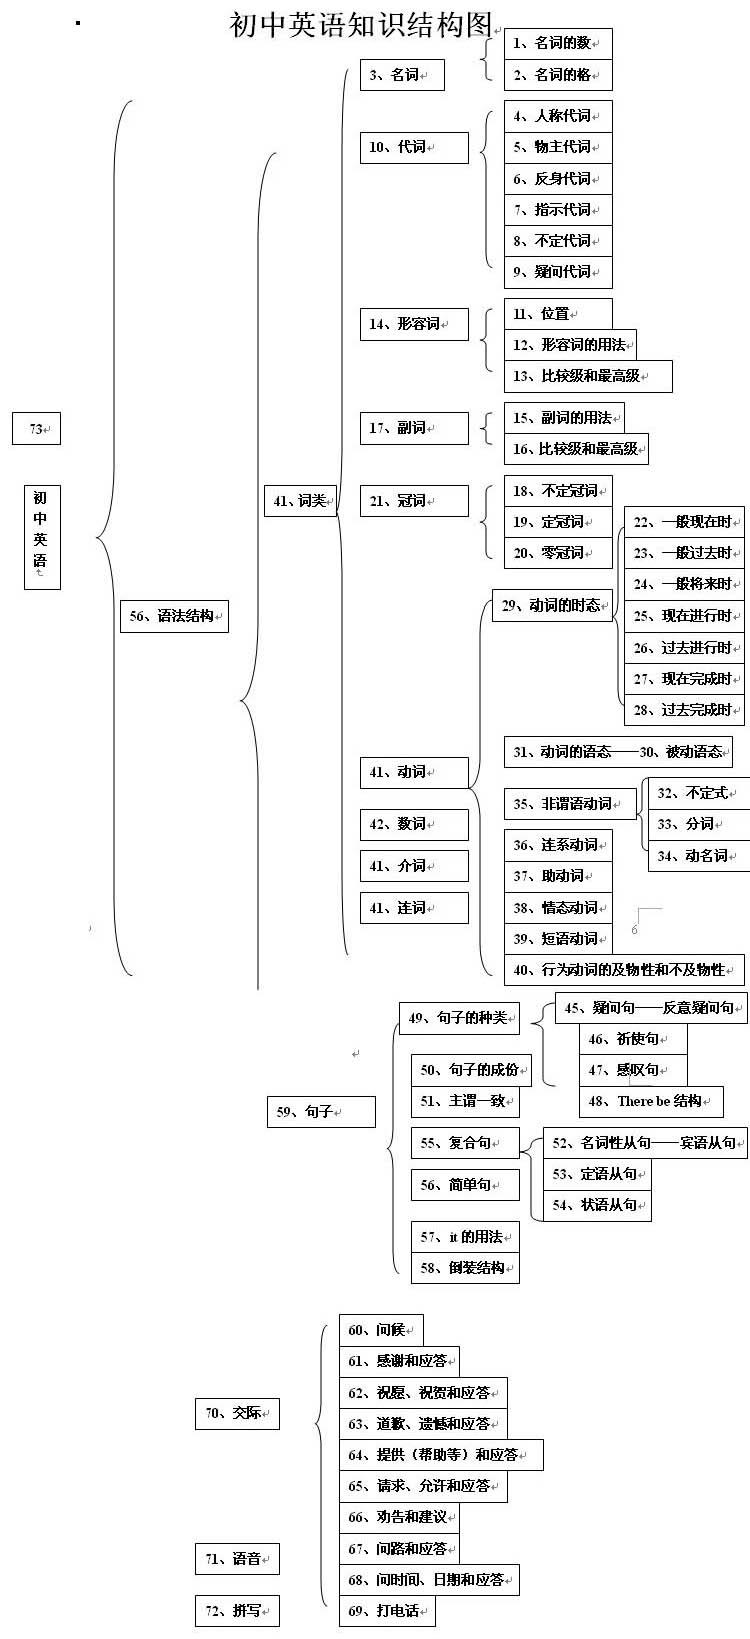 初中英语知识结构图